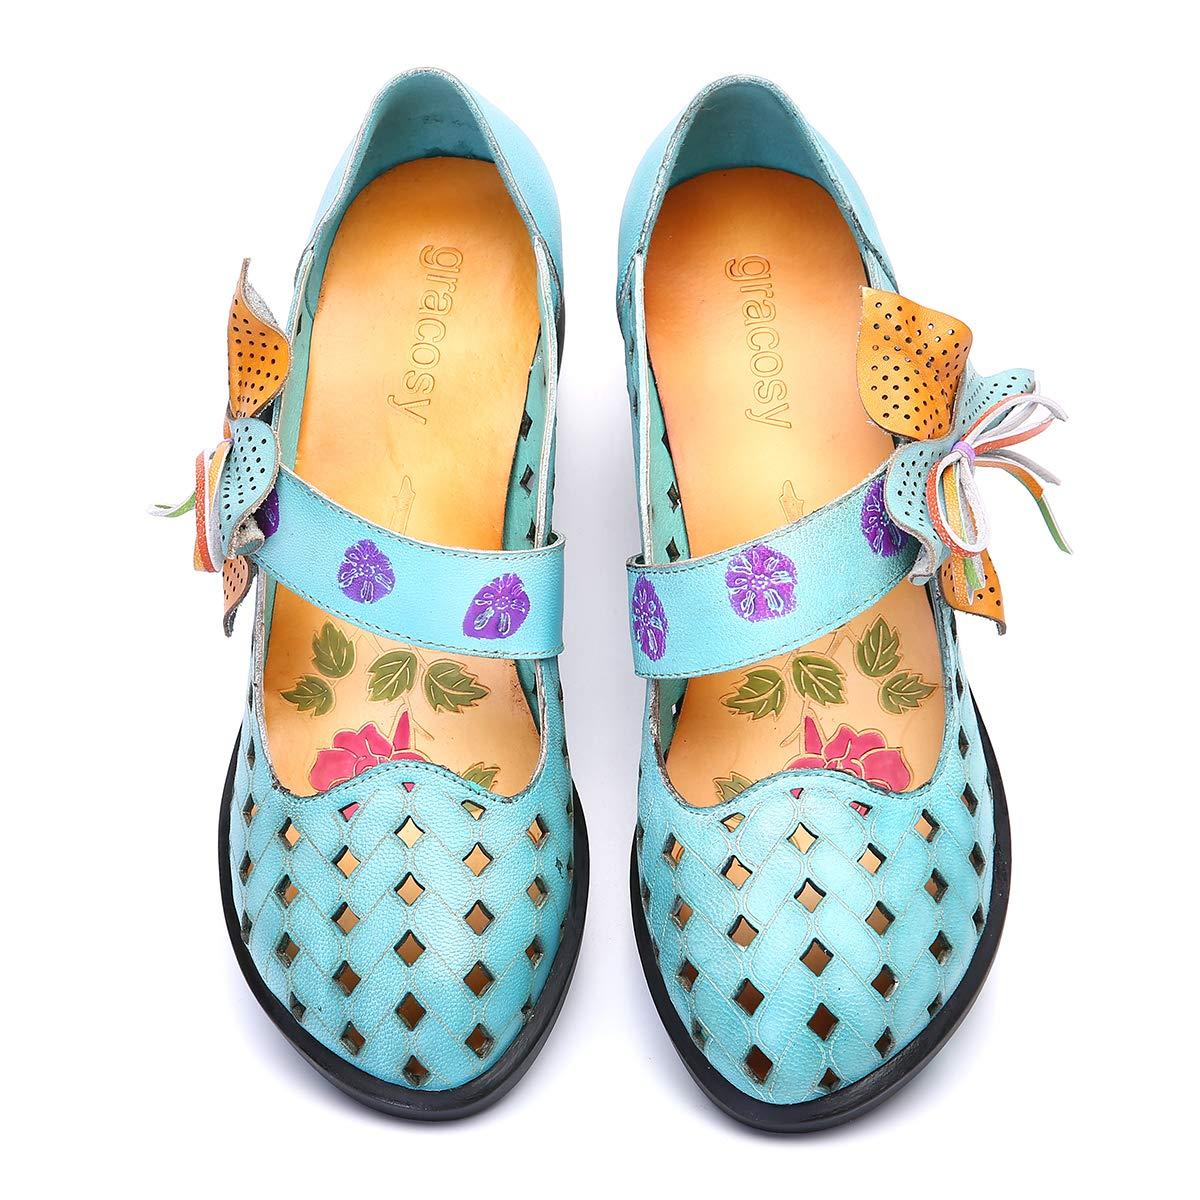 Bleu Marron Chaussures de Ville Automne Hiver Escarpins /à Talons Moyens Carres Mary Janes Bride Cheville 2018 Gracosy Mocassins Cuir Femmes Style Original Color/é Motif Fleurs